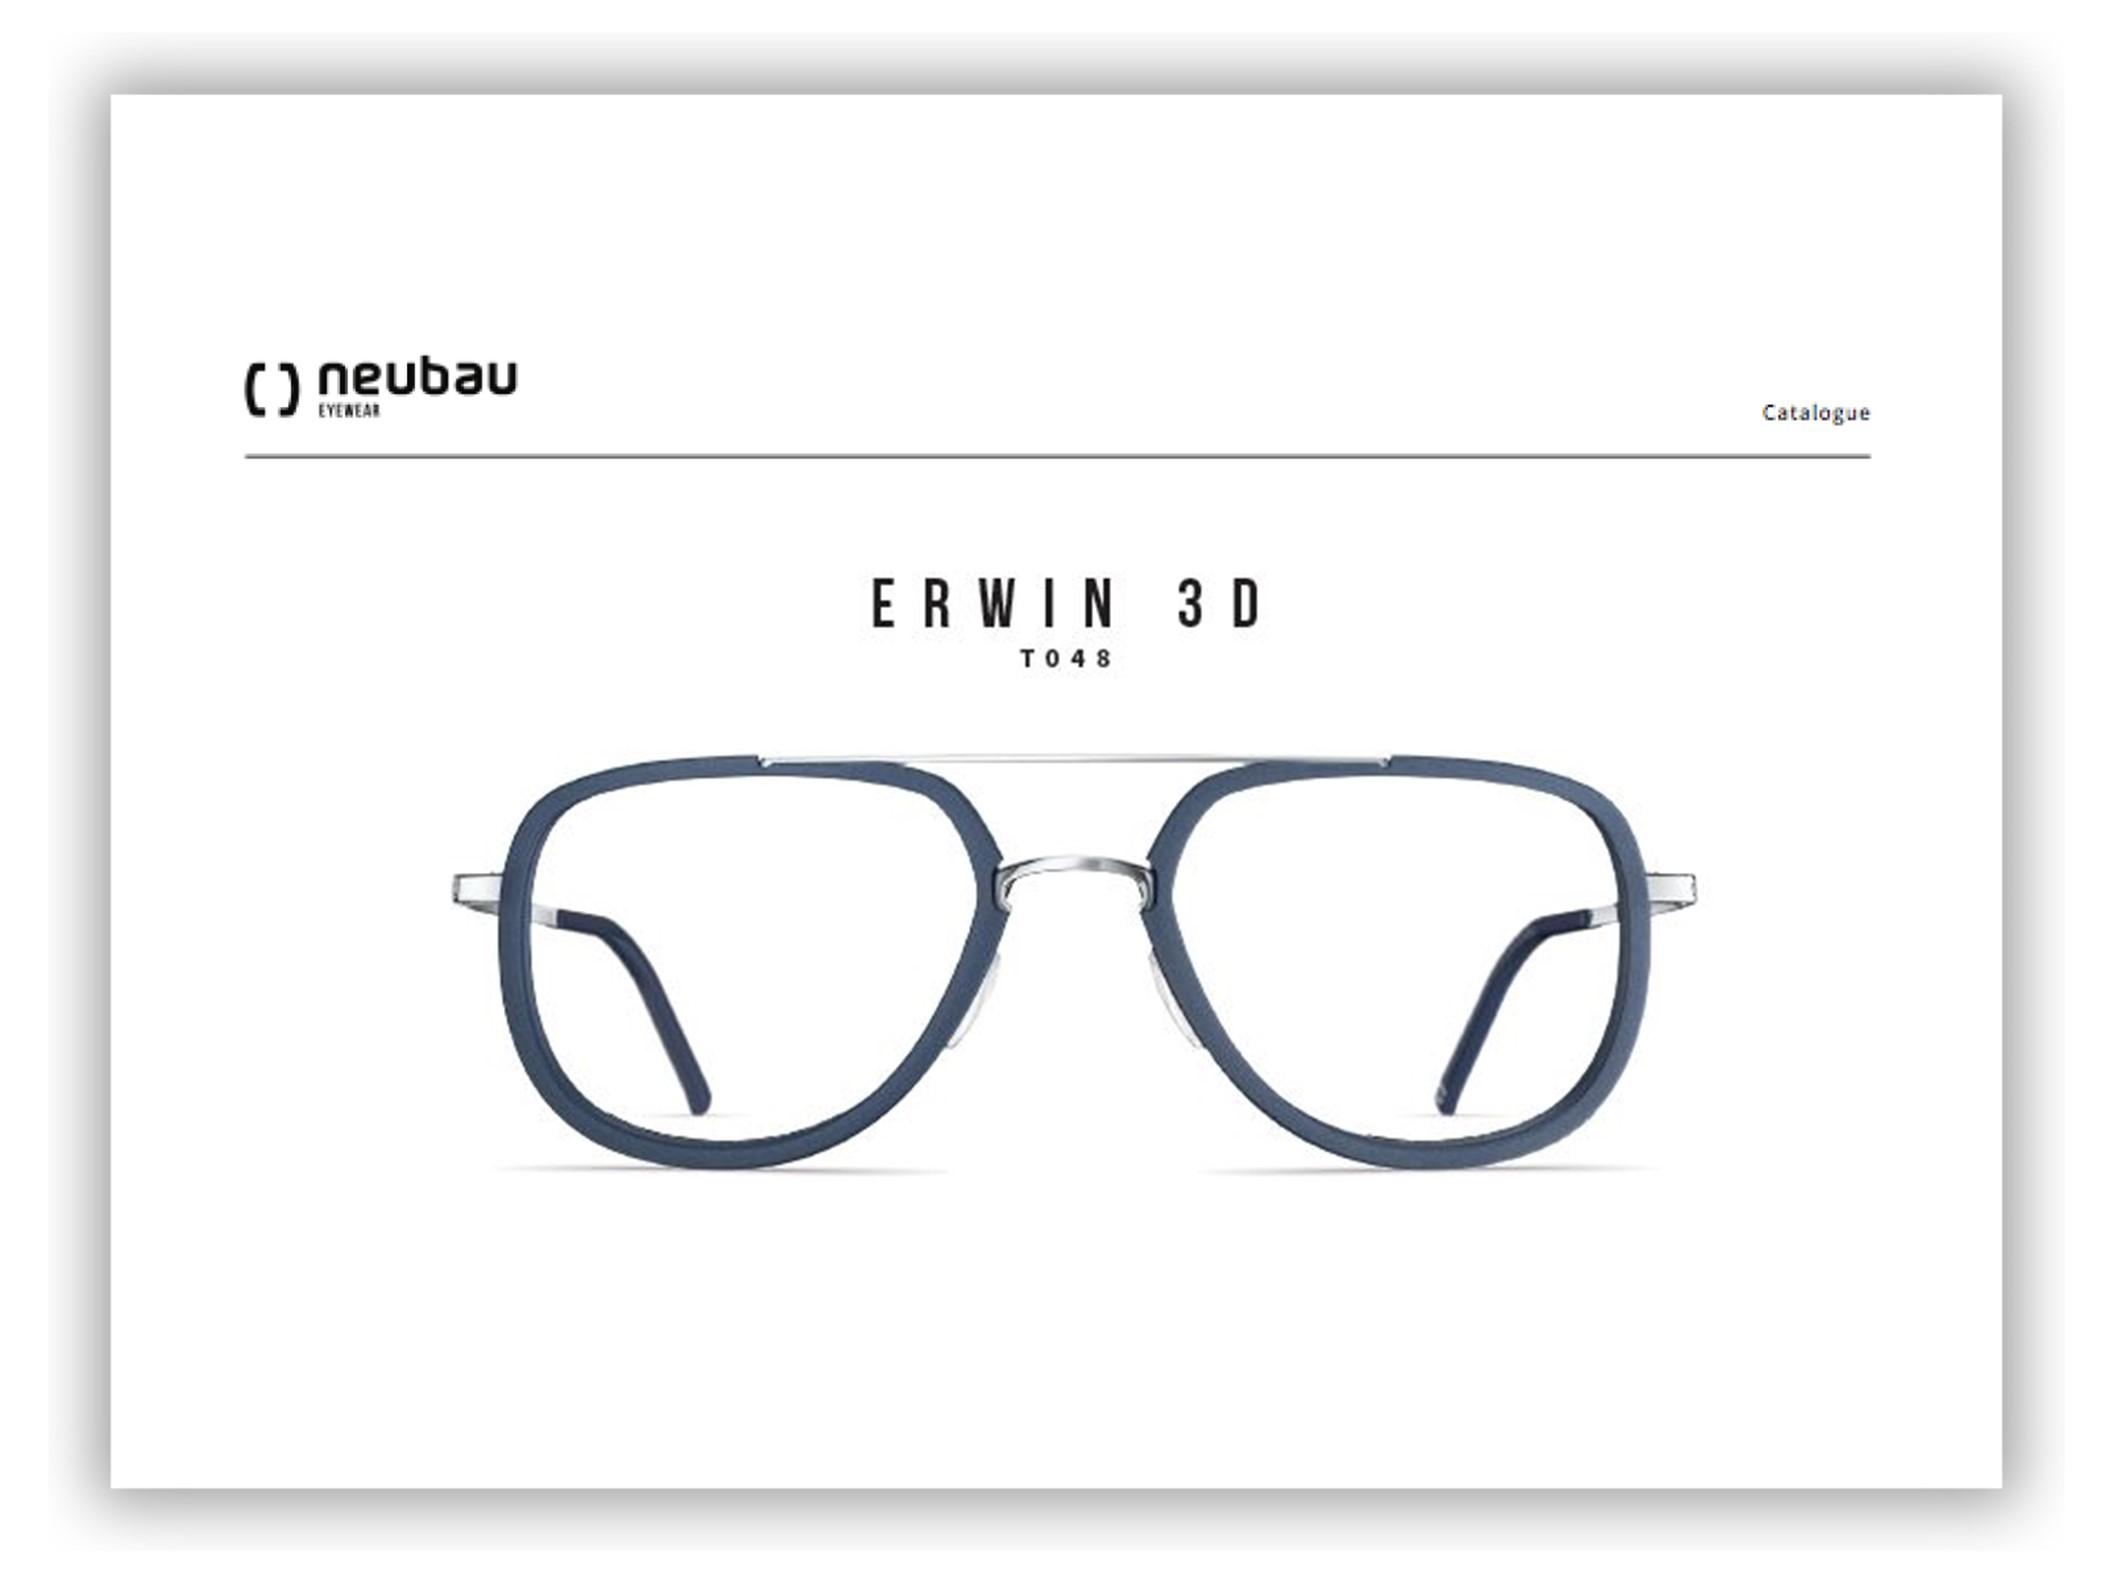 ERWIN 3D